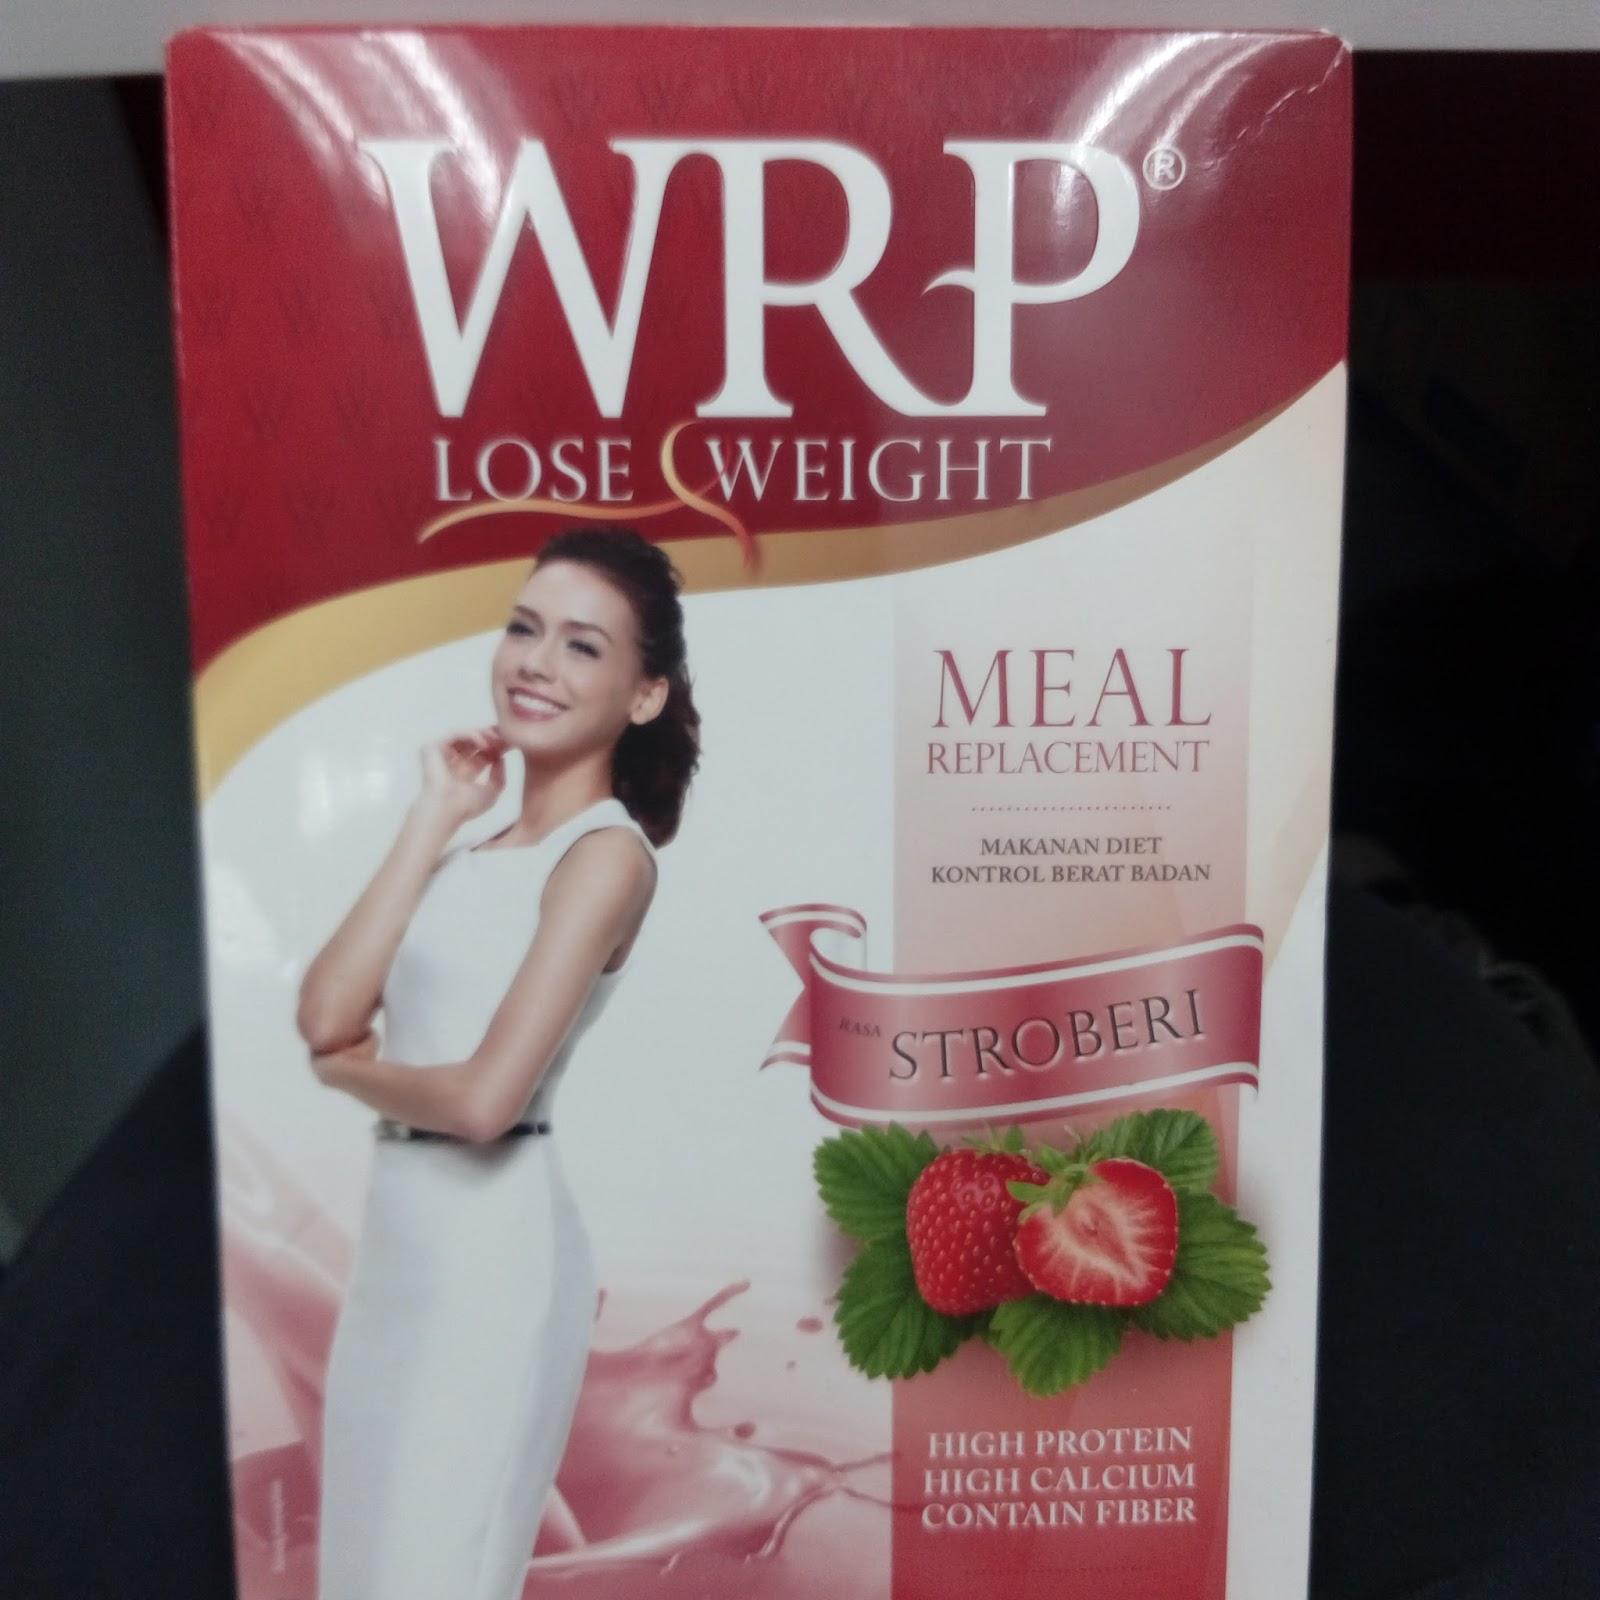 Harga Susu WRP All Varian Terlengkap Terbaru 2017